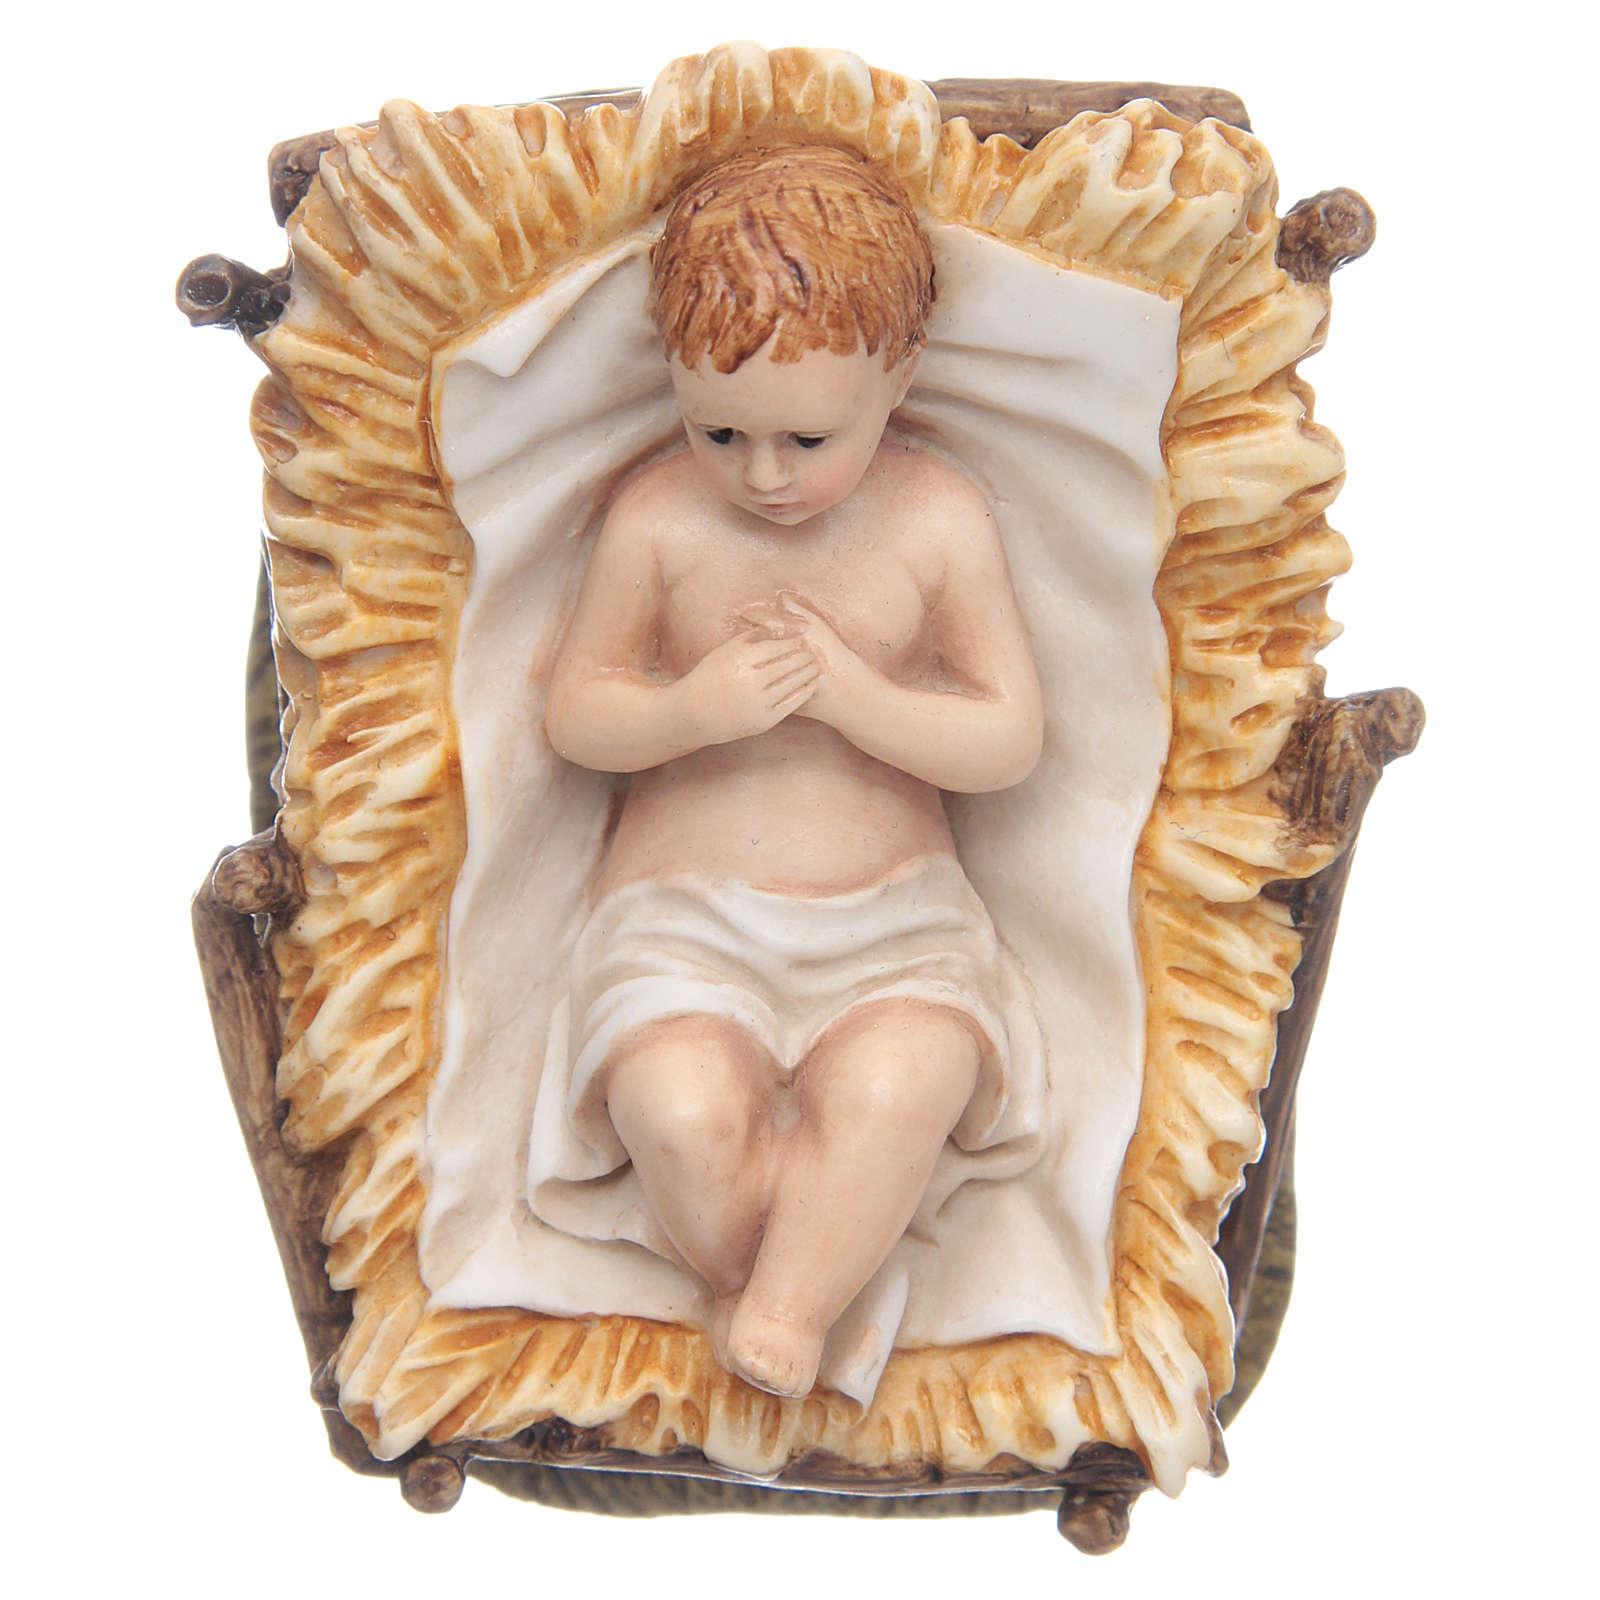 Infant Jesus figurine, 11 cm Landi Nativity scene 3